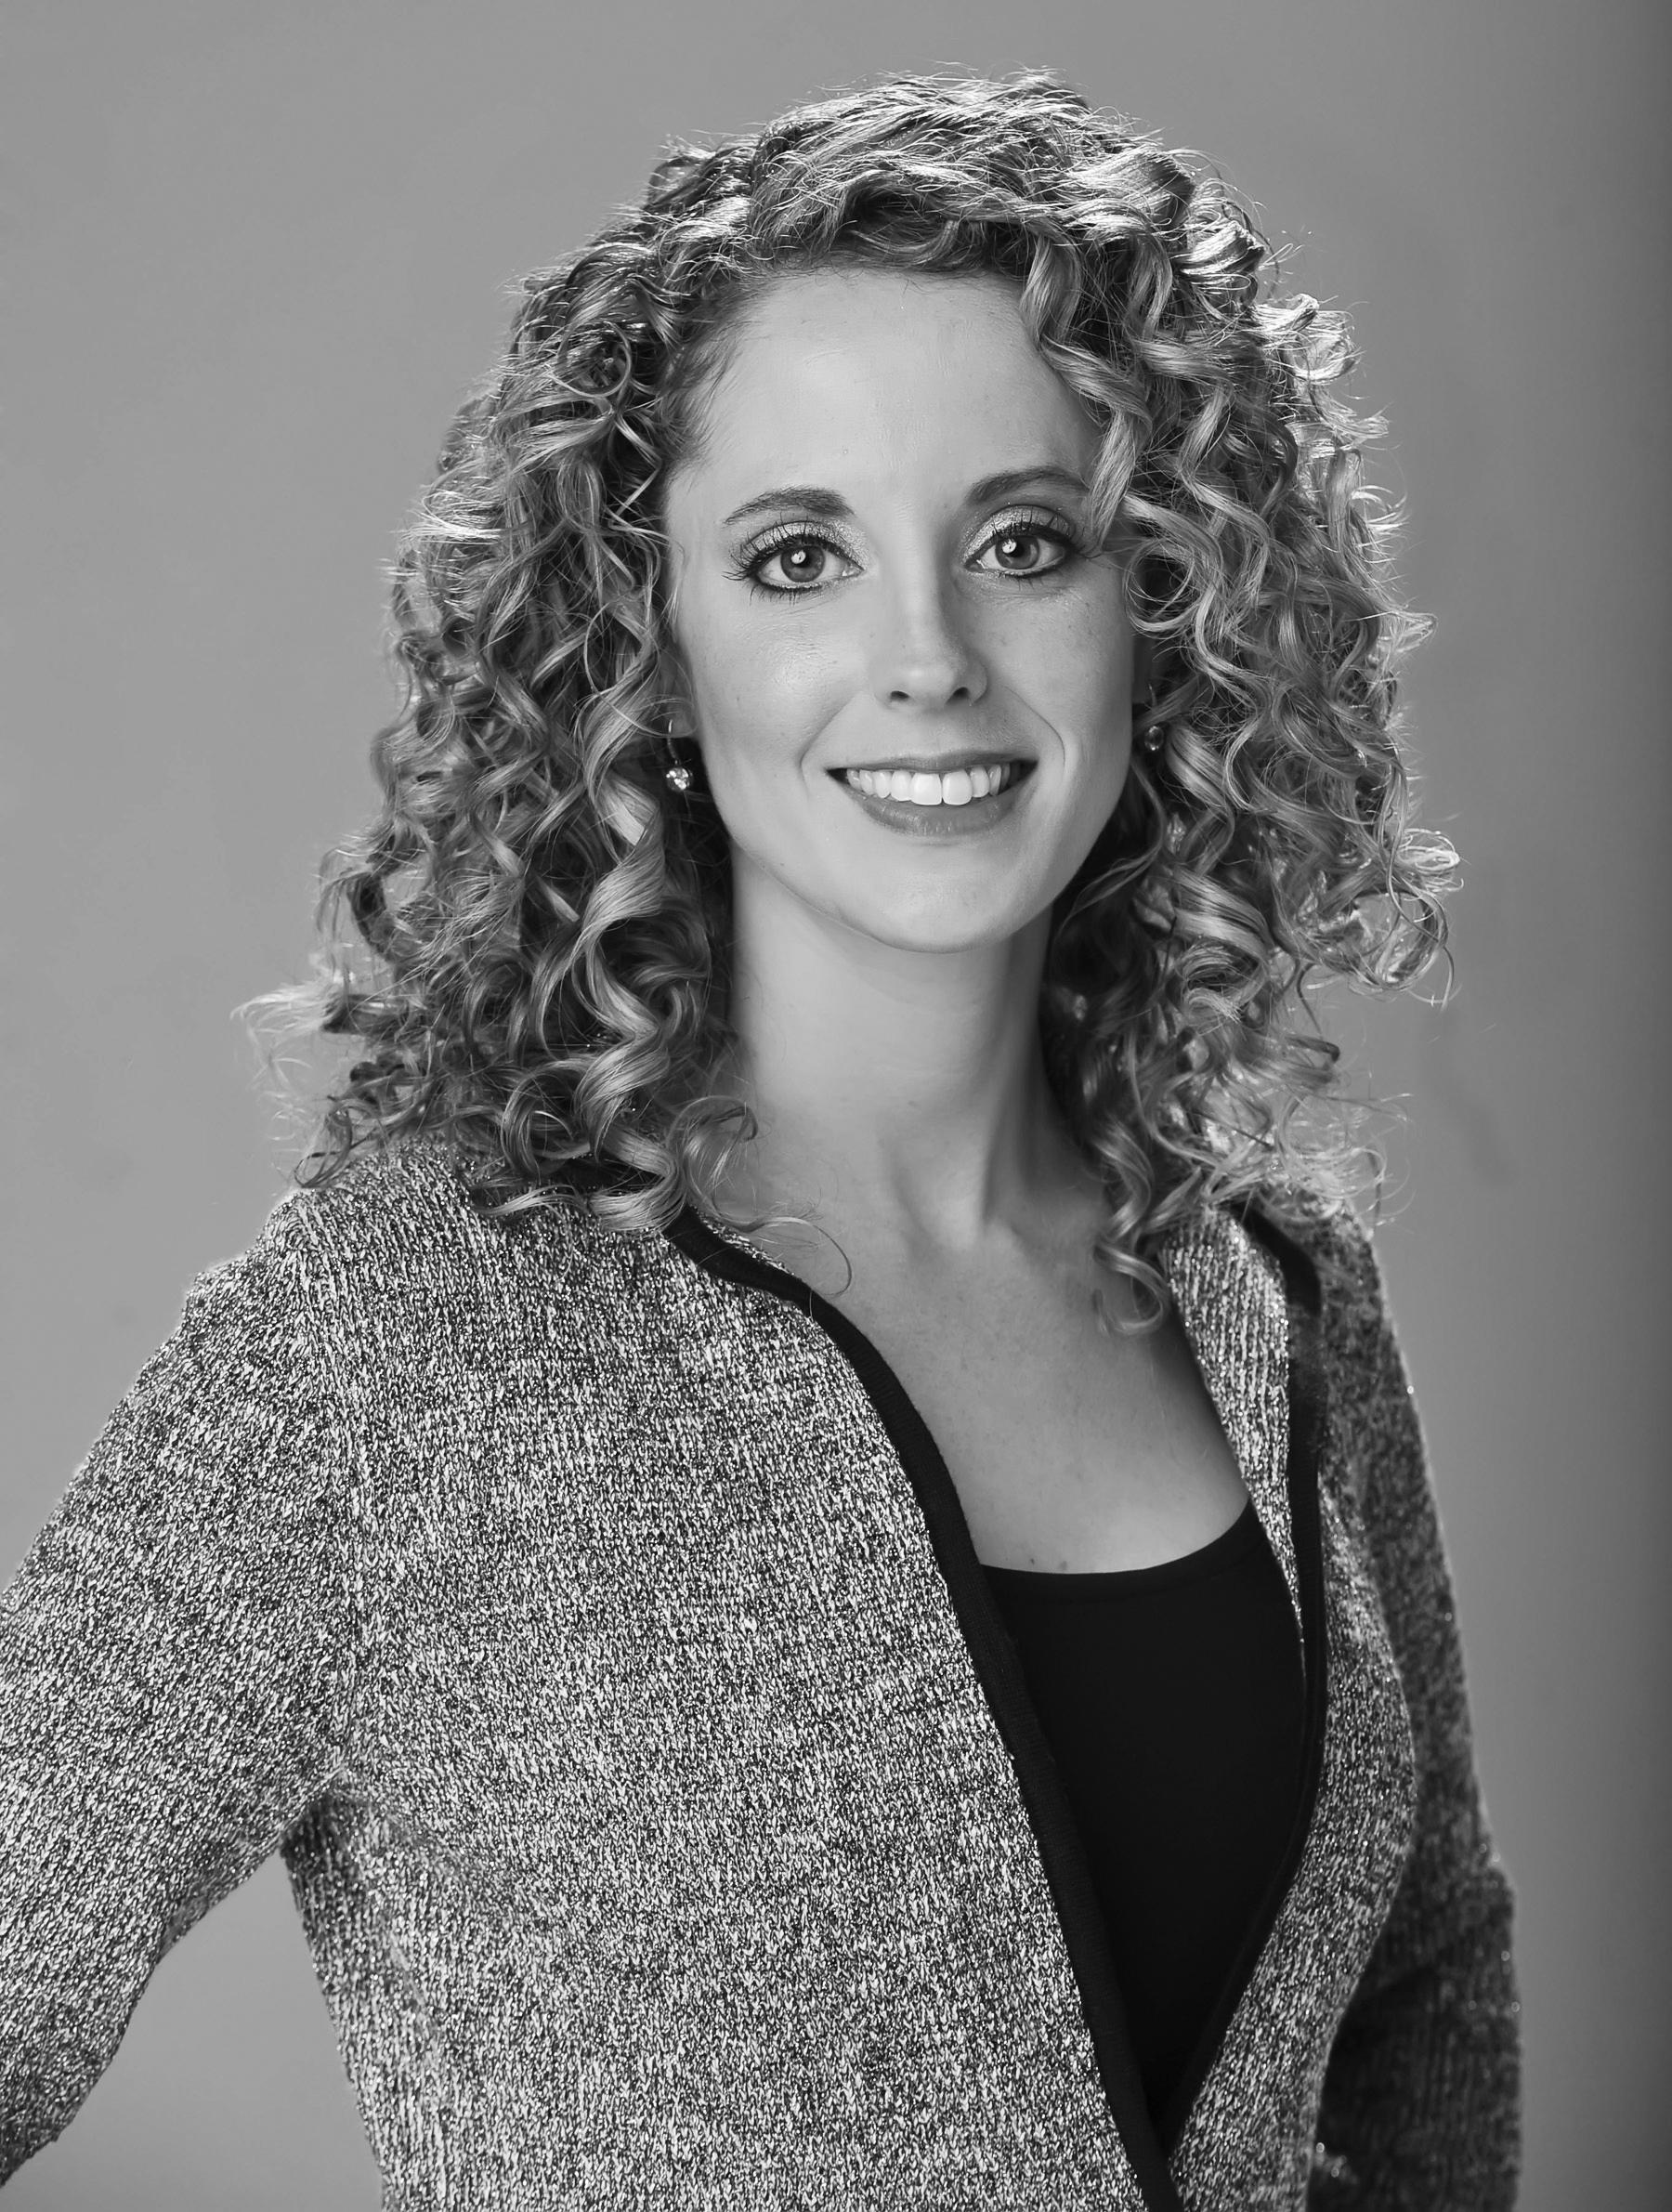 Michelle Anderson